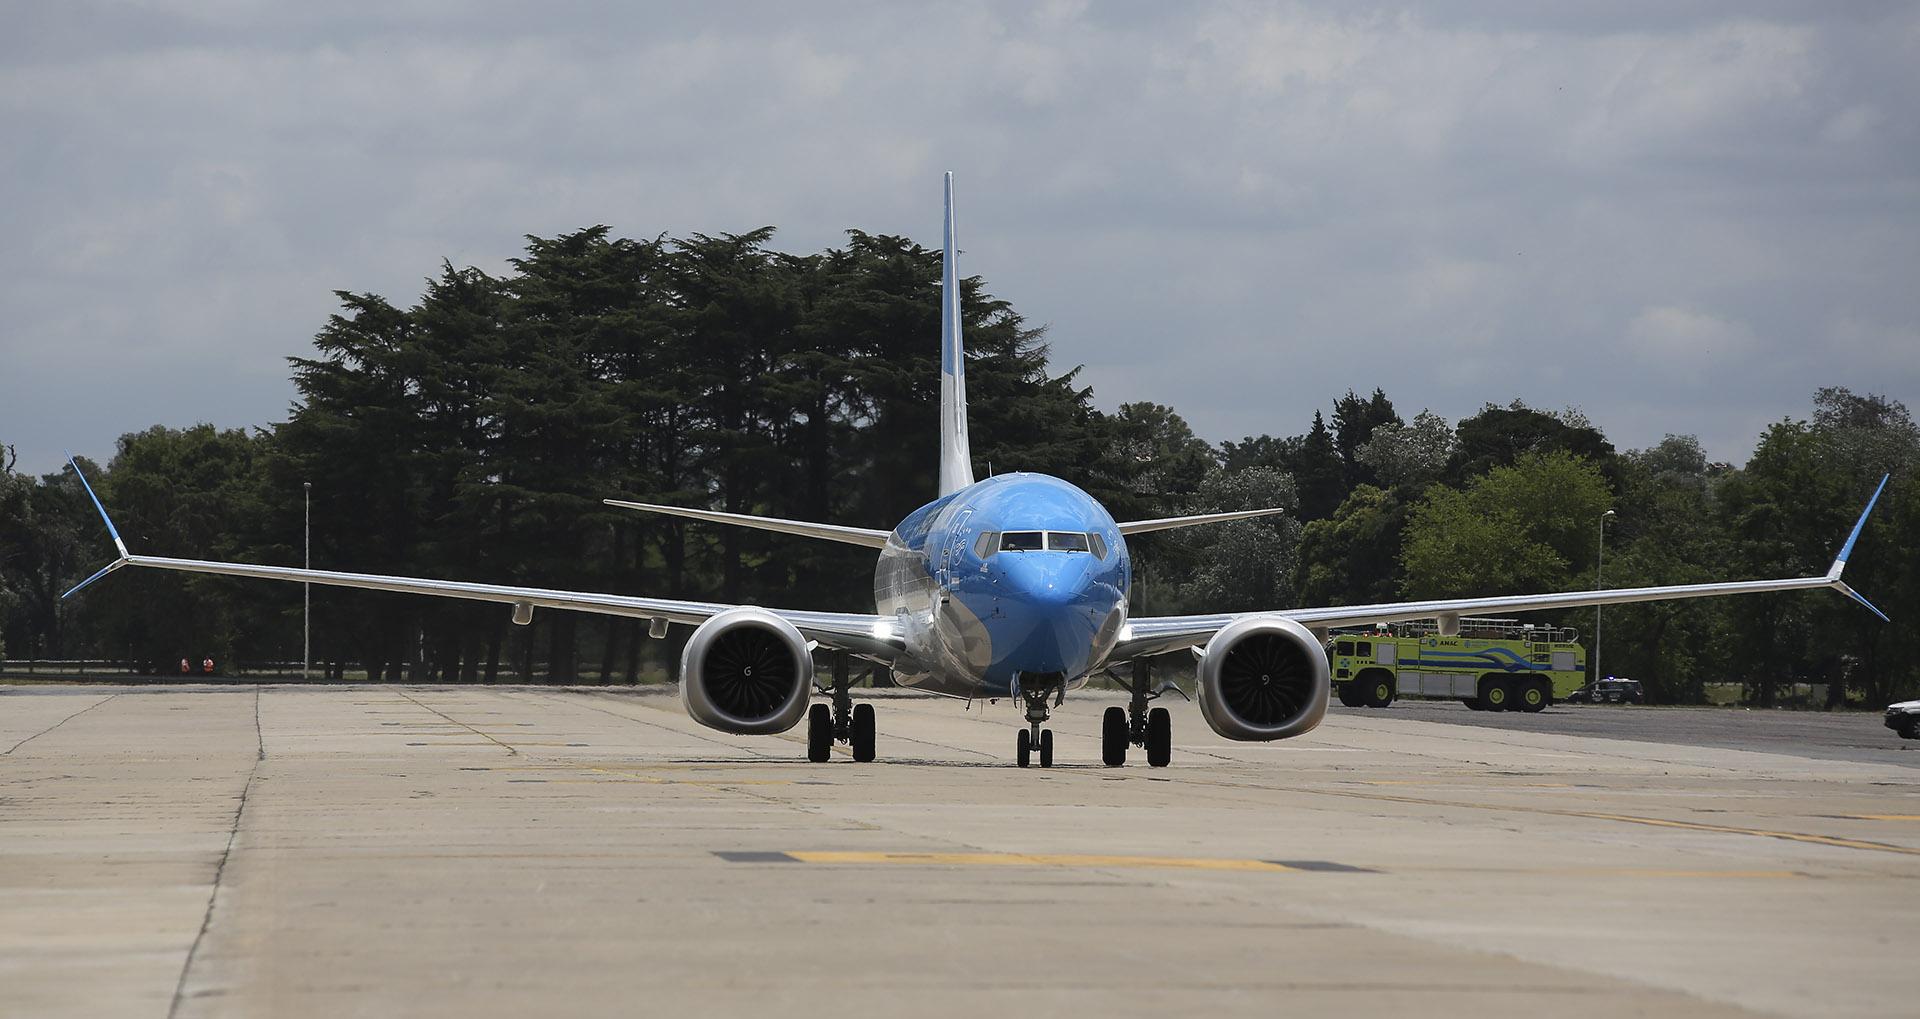 COPA, Gol y Aeroméxico son las otras aerolíneas que tienen pedido el modelo Boeing 737 MAX 8, pero Aerolíneas Argentinas es la primera en operarlo en la región